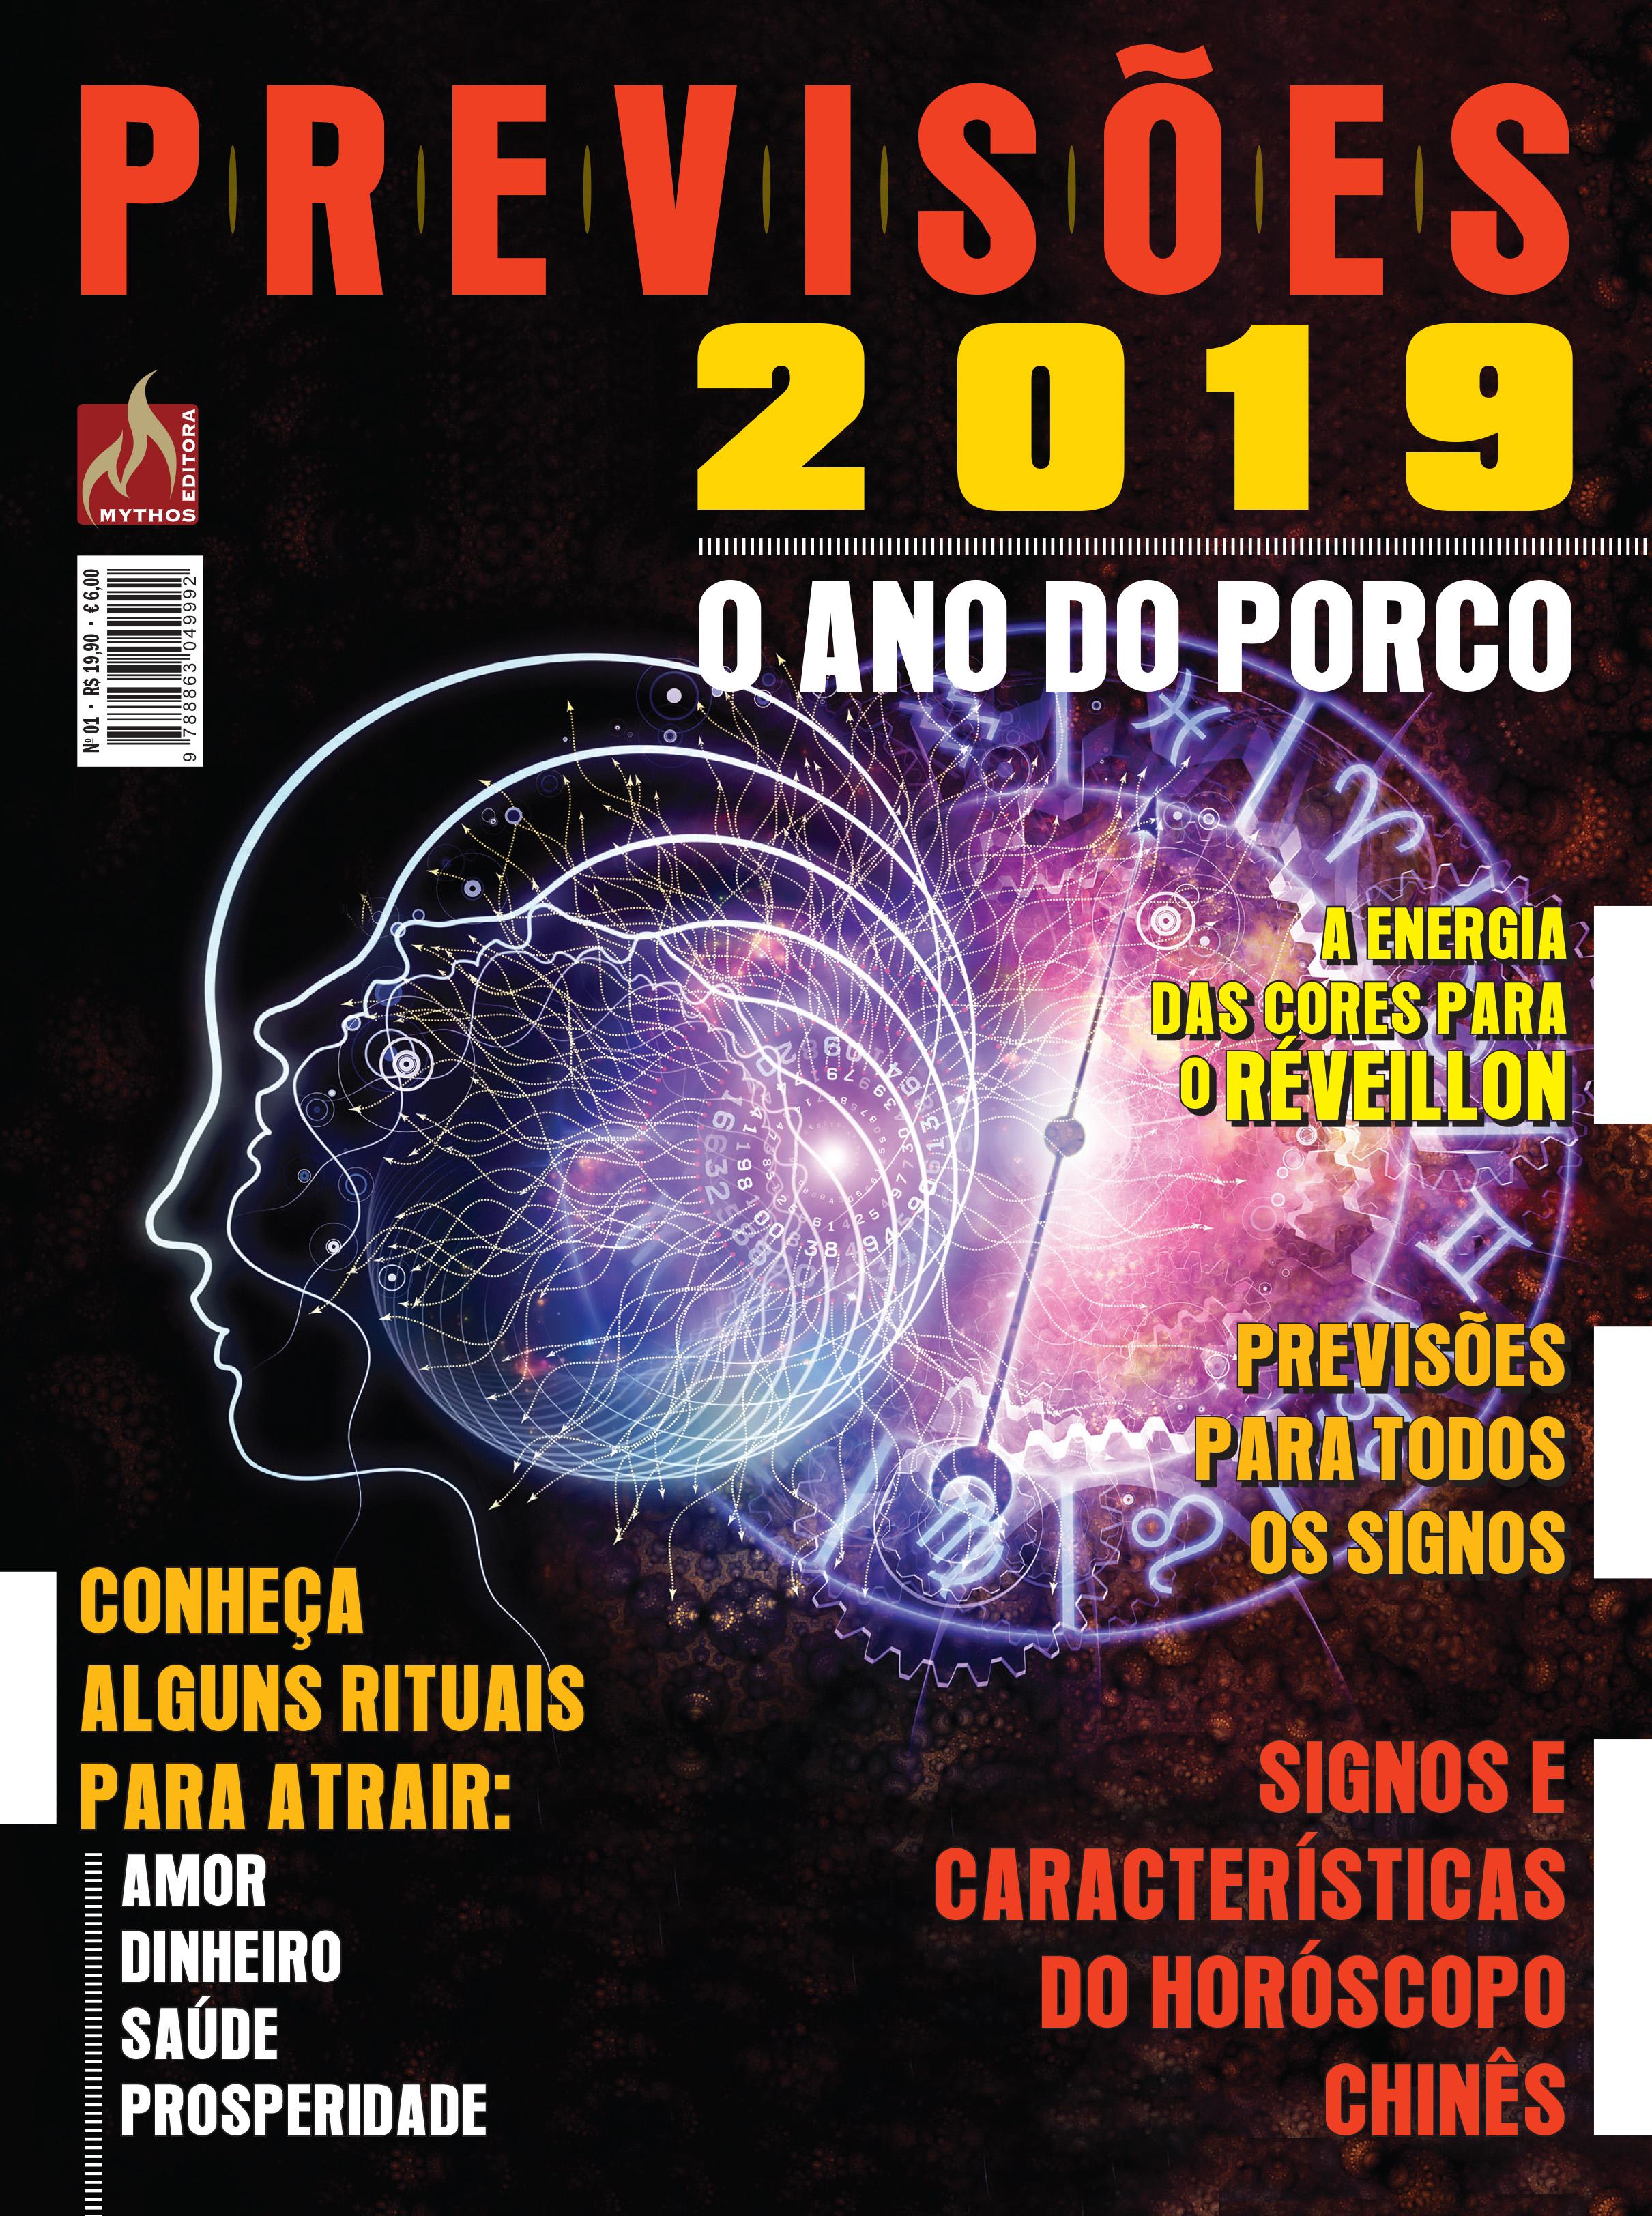 PREVISÕES 2019 Nº 01